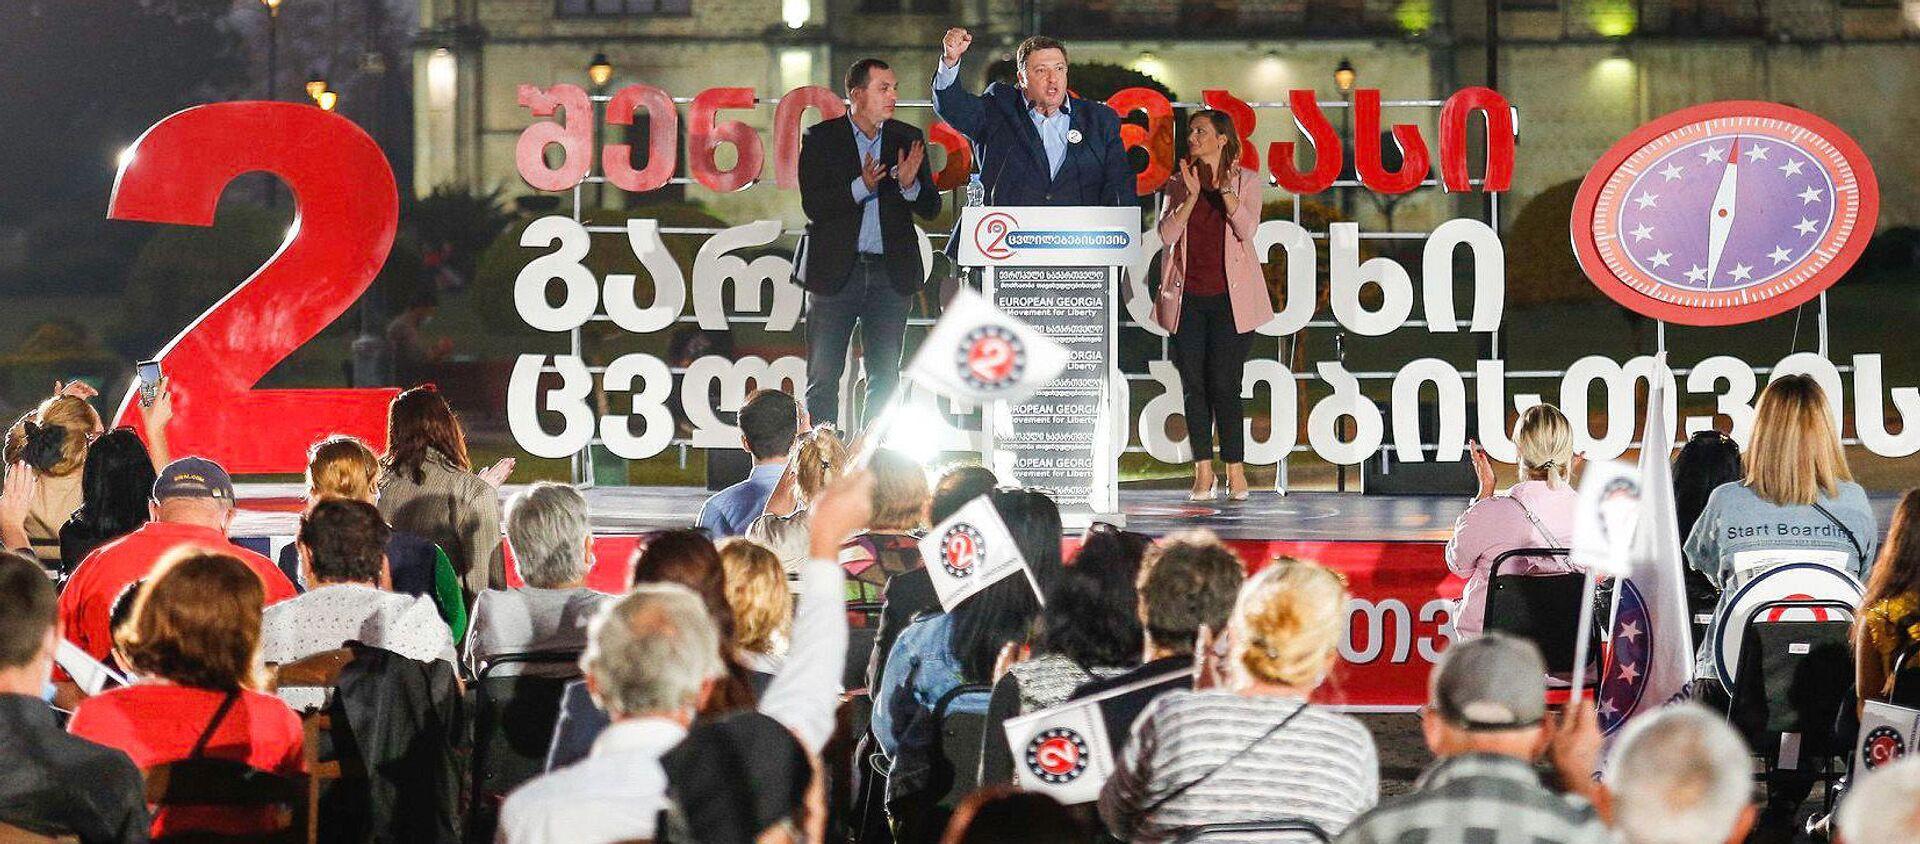 Предвыборная агитация. Европейская Грузия проводит встречи с избирателями - Sputnik Грузия, 1920, 23.10.2020